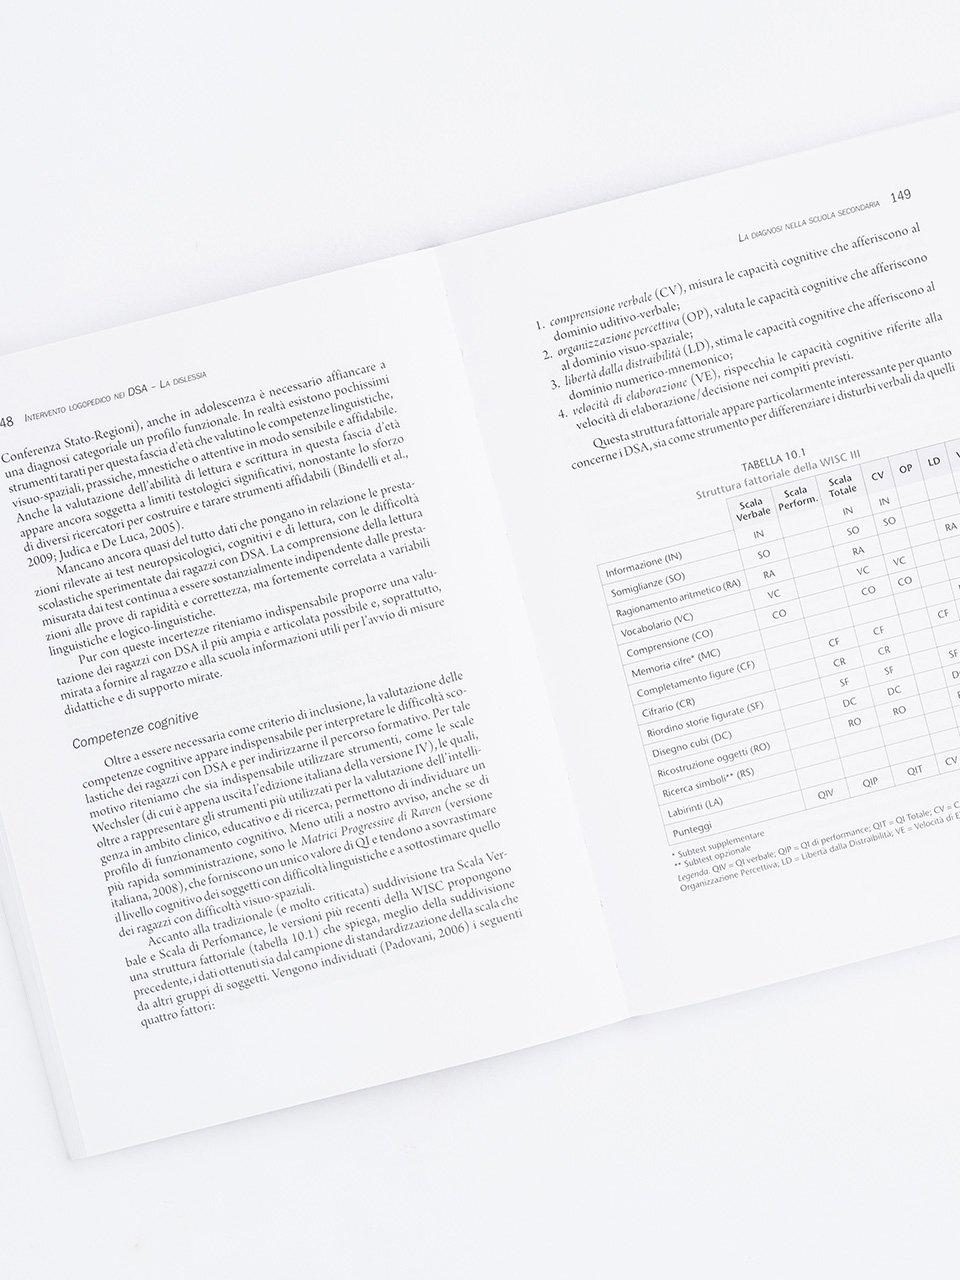 Intervento logopedico nei DSA - LA DISLESSIA - Libri - Erickson 2